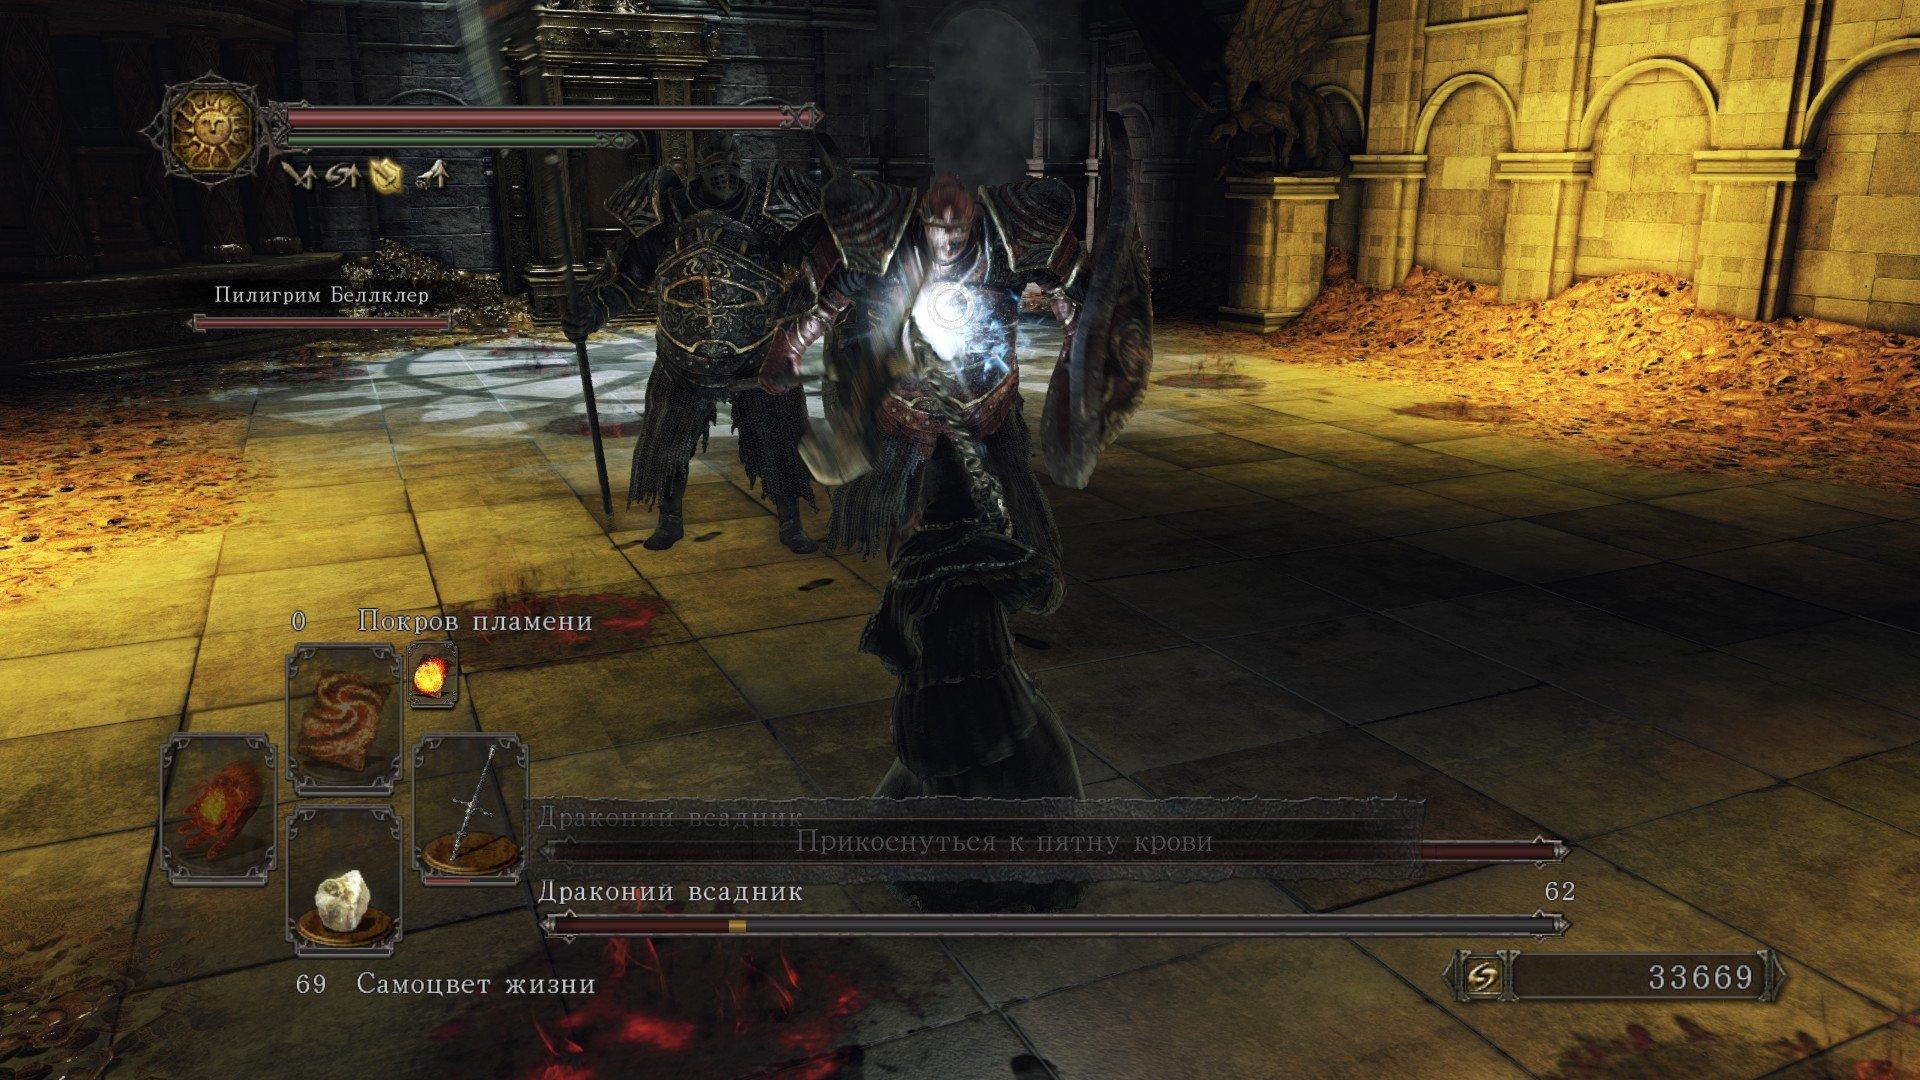 Вопль-прохождение Dark Souls 2 ... получилось много скриншотов -_- - Изображение 5